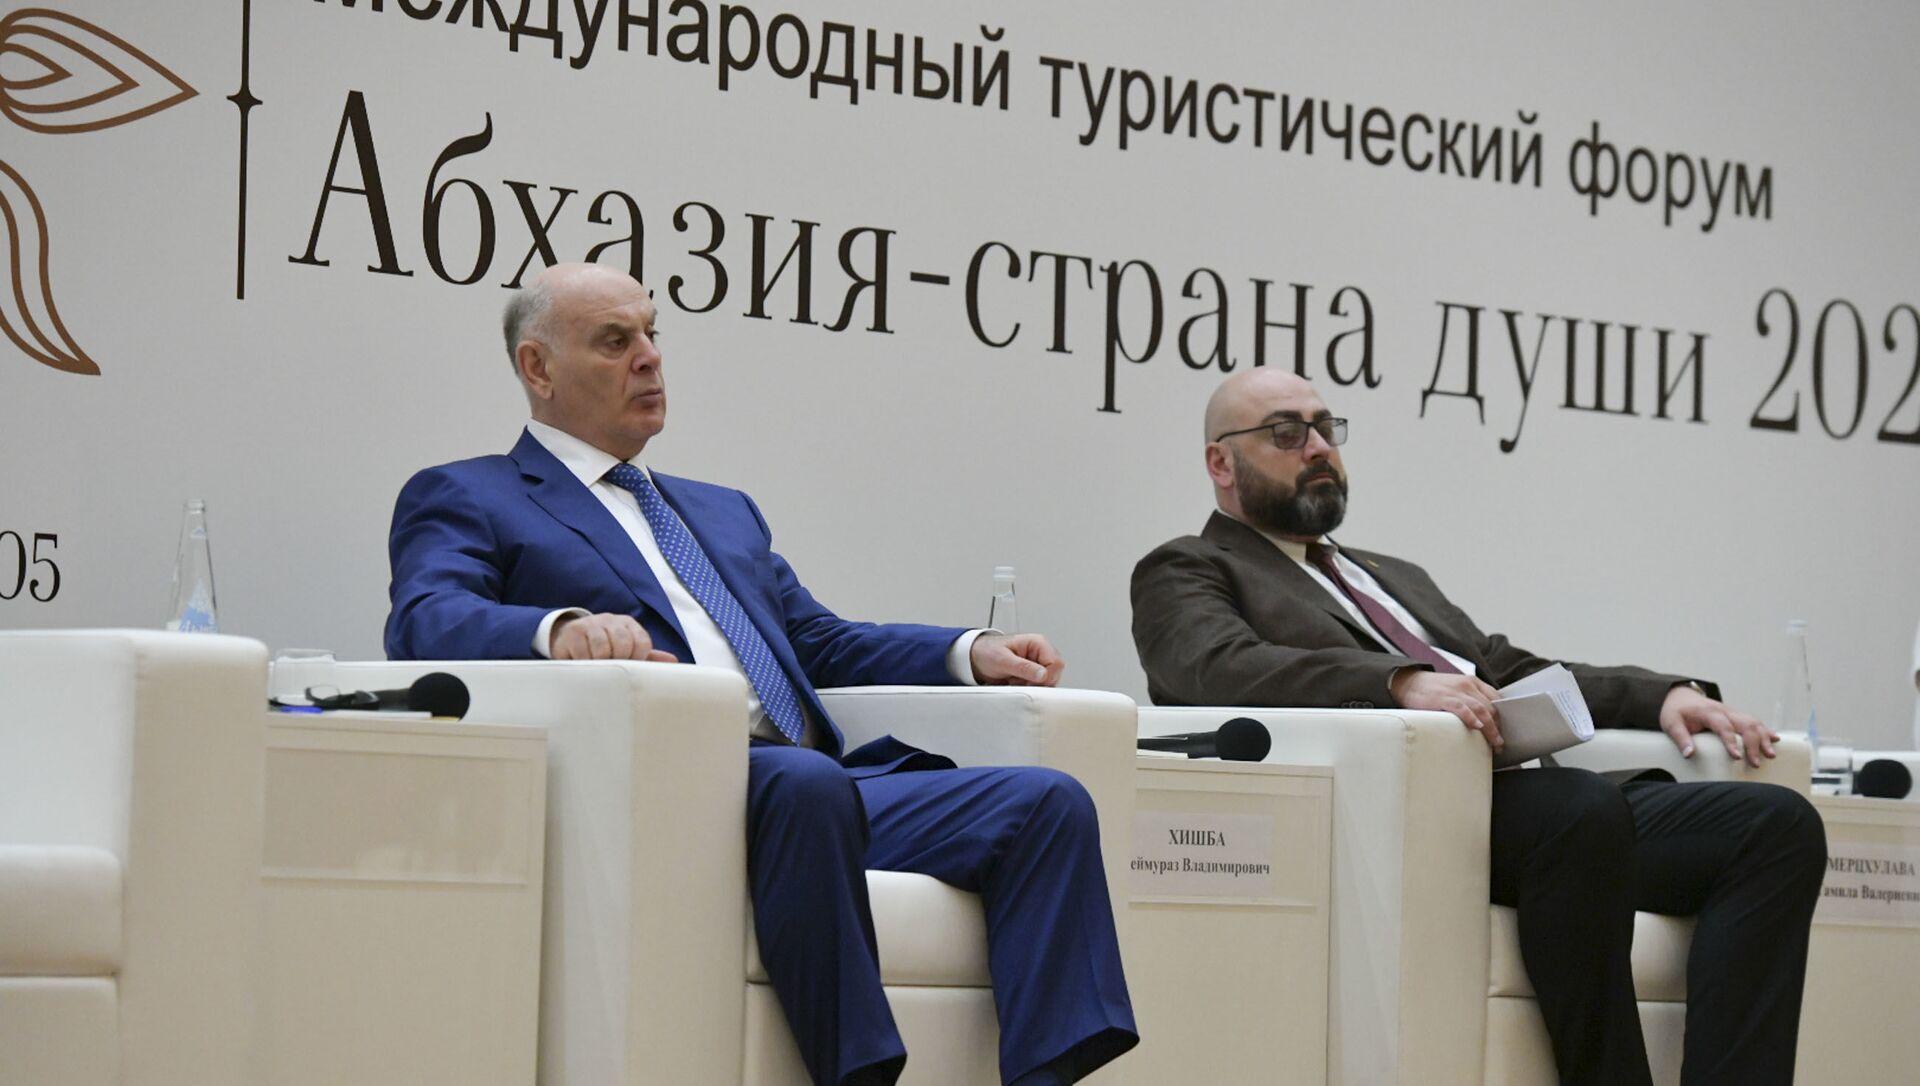 Открытие туристического форума Абхазия страна души - Sputnik Аҧсны, 1920, 13.05.2021